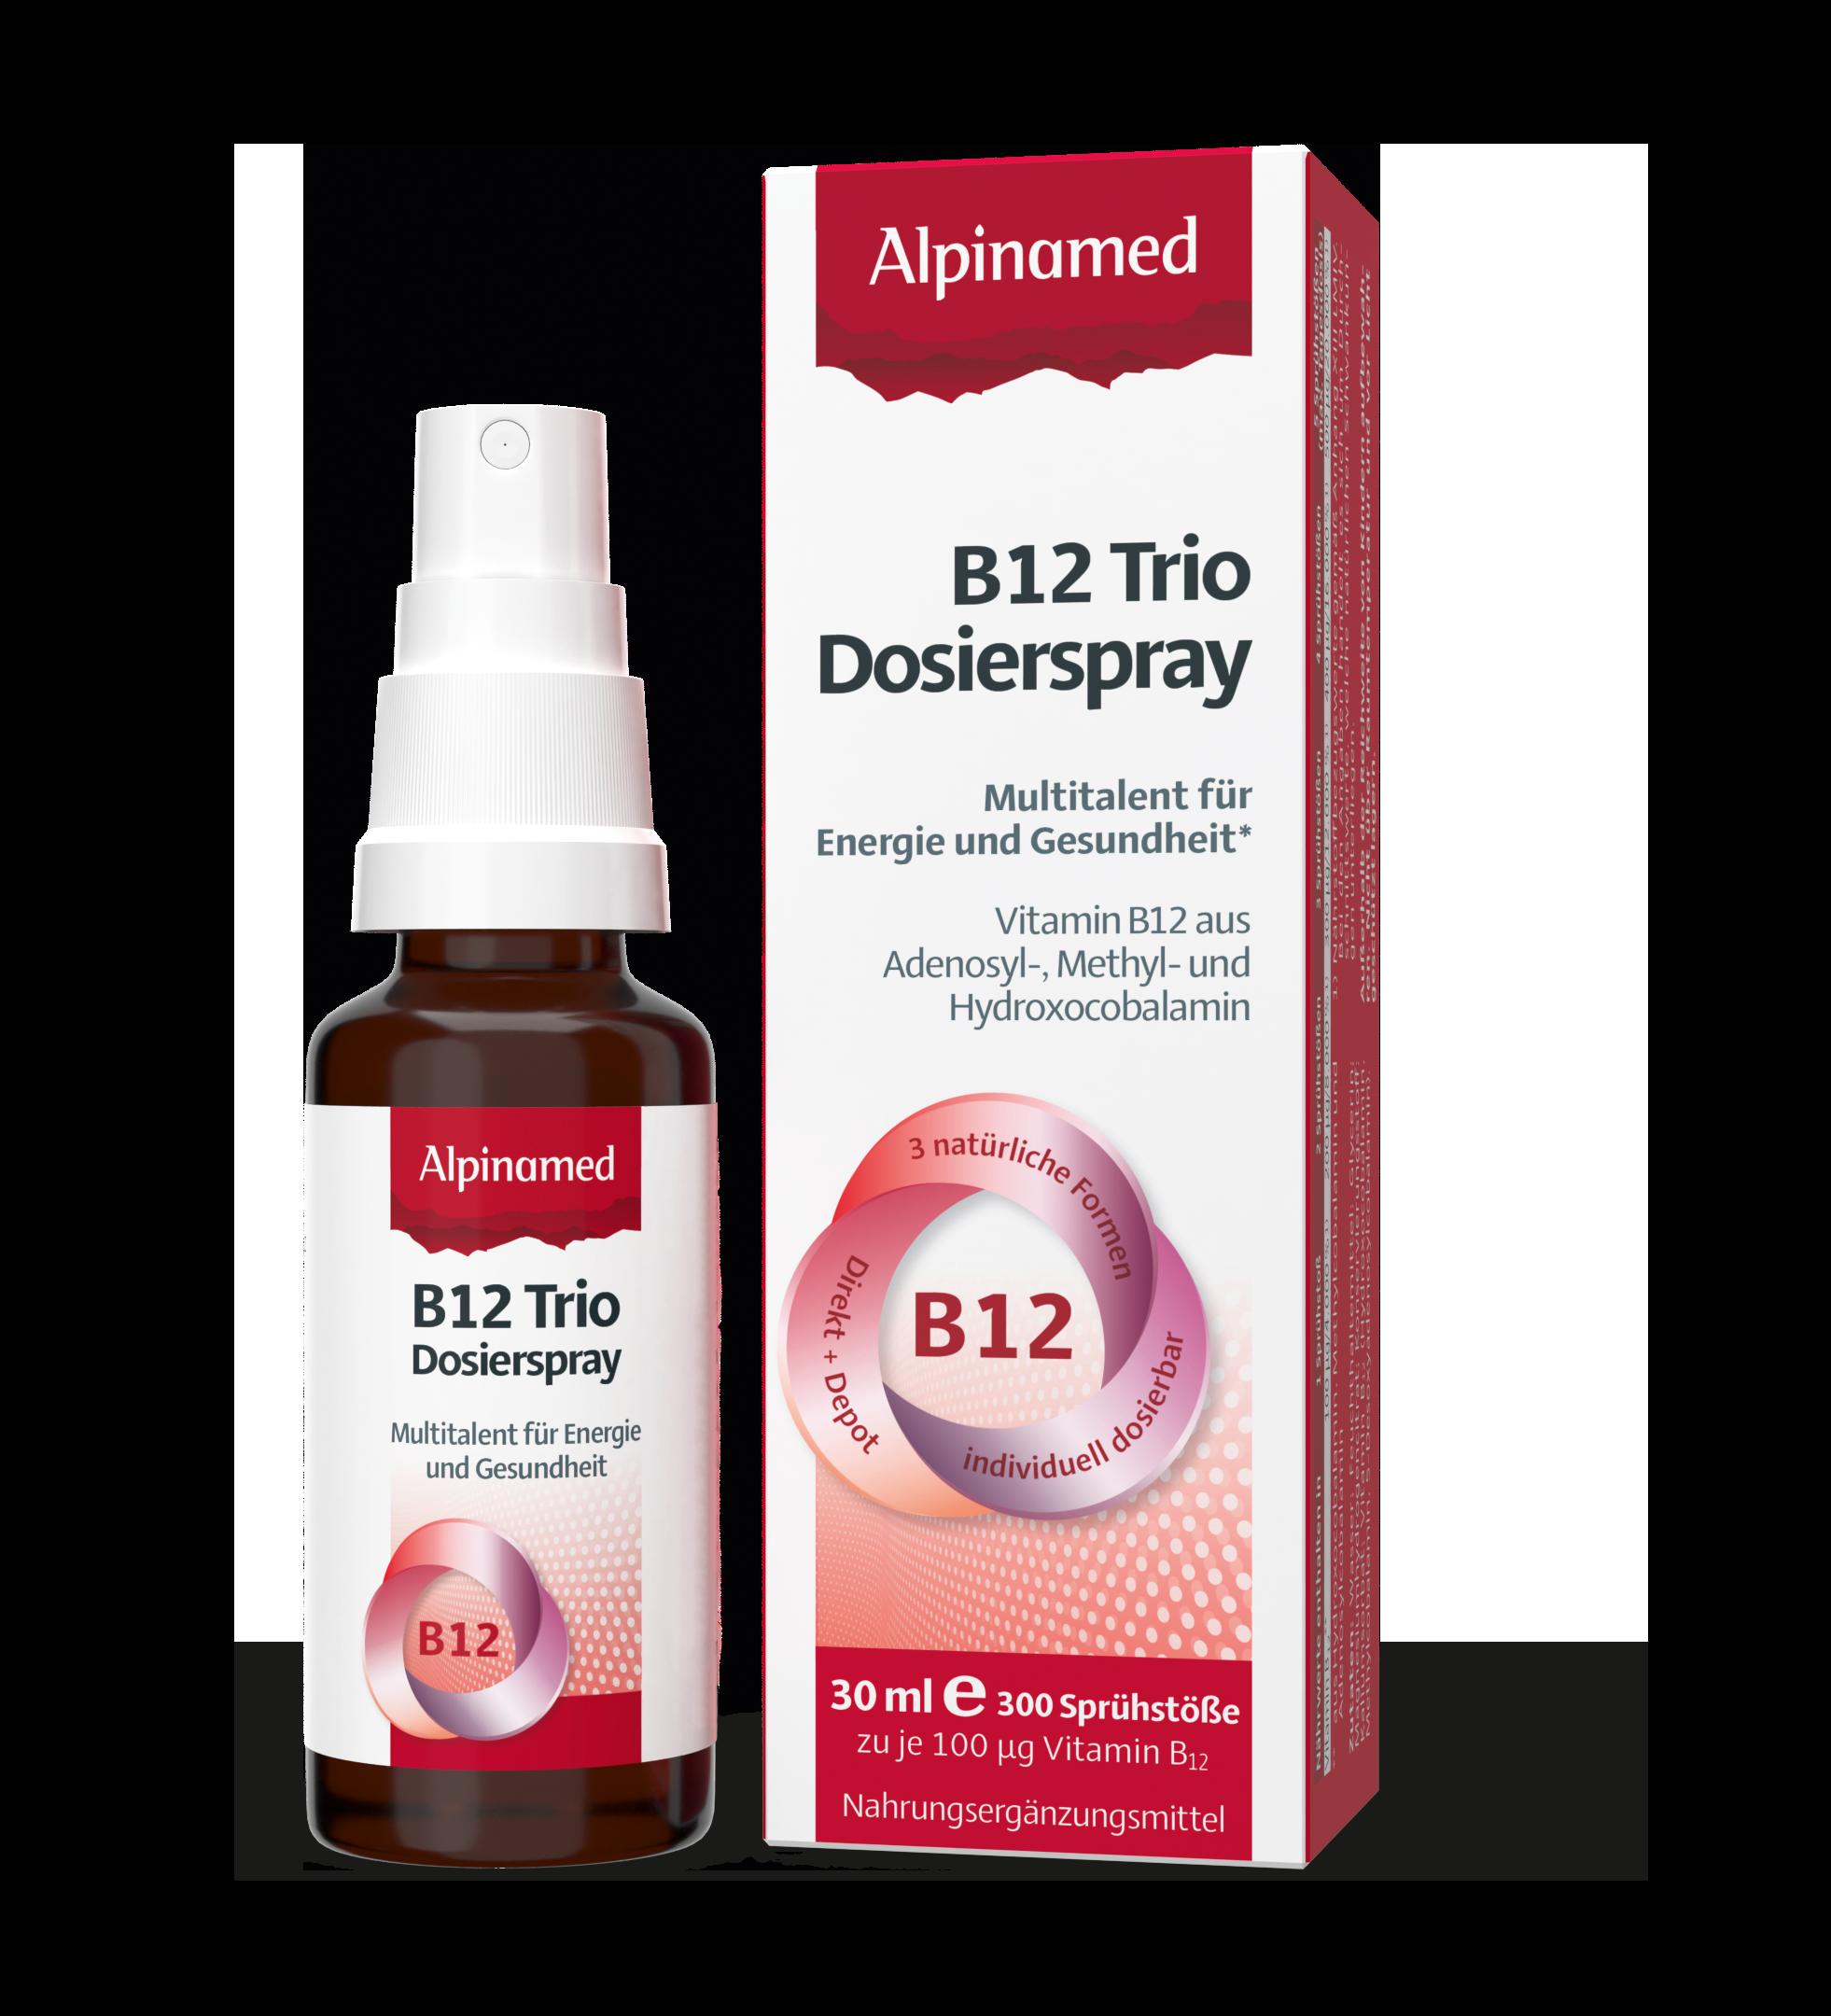 Neues von Alpinamed® - Wohlfühlvitamin B12